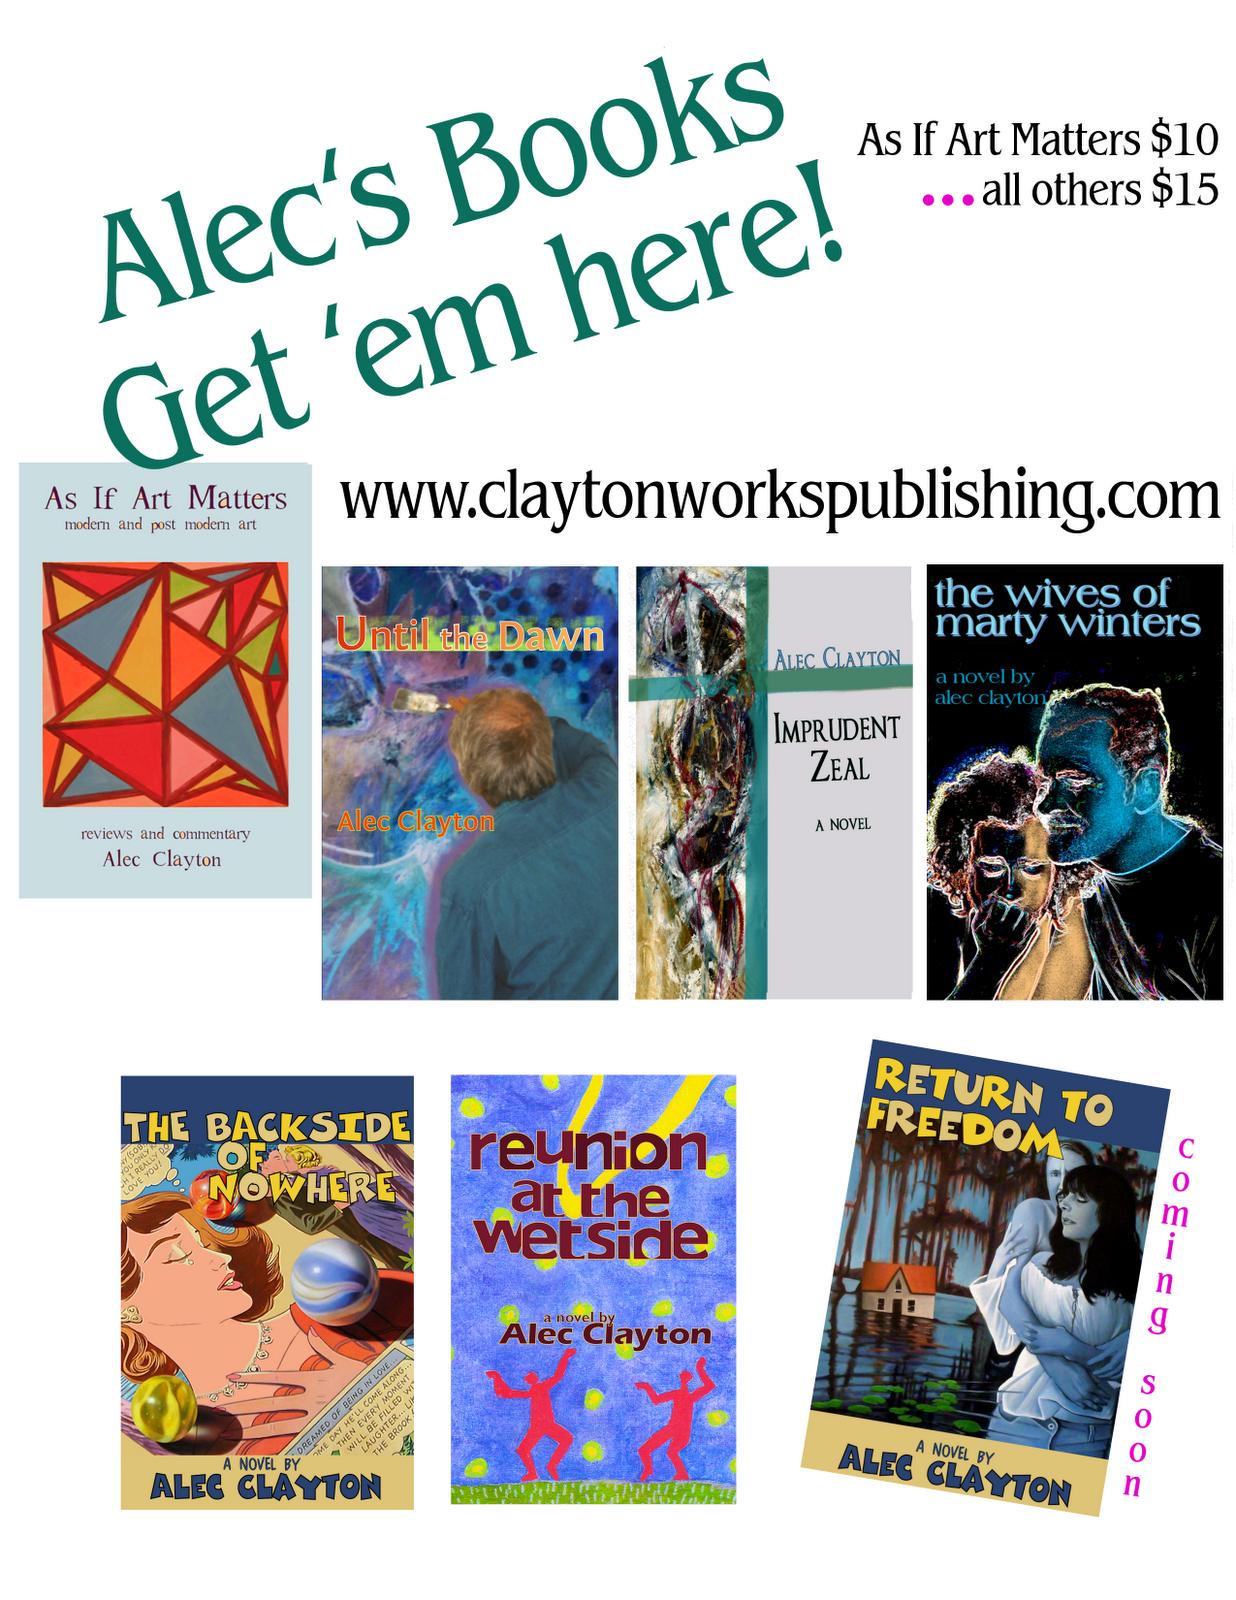 http://3.bp.blogspot.com/-Oym3vS-zyhE/UGXvTKtSMiI/AAAAAAAACxA/JInhCEHPTyw/s1600/booksaleposter.png